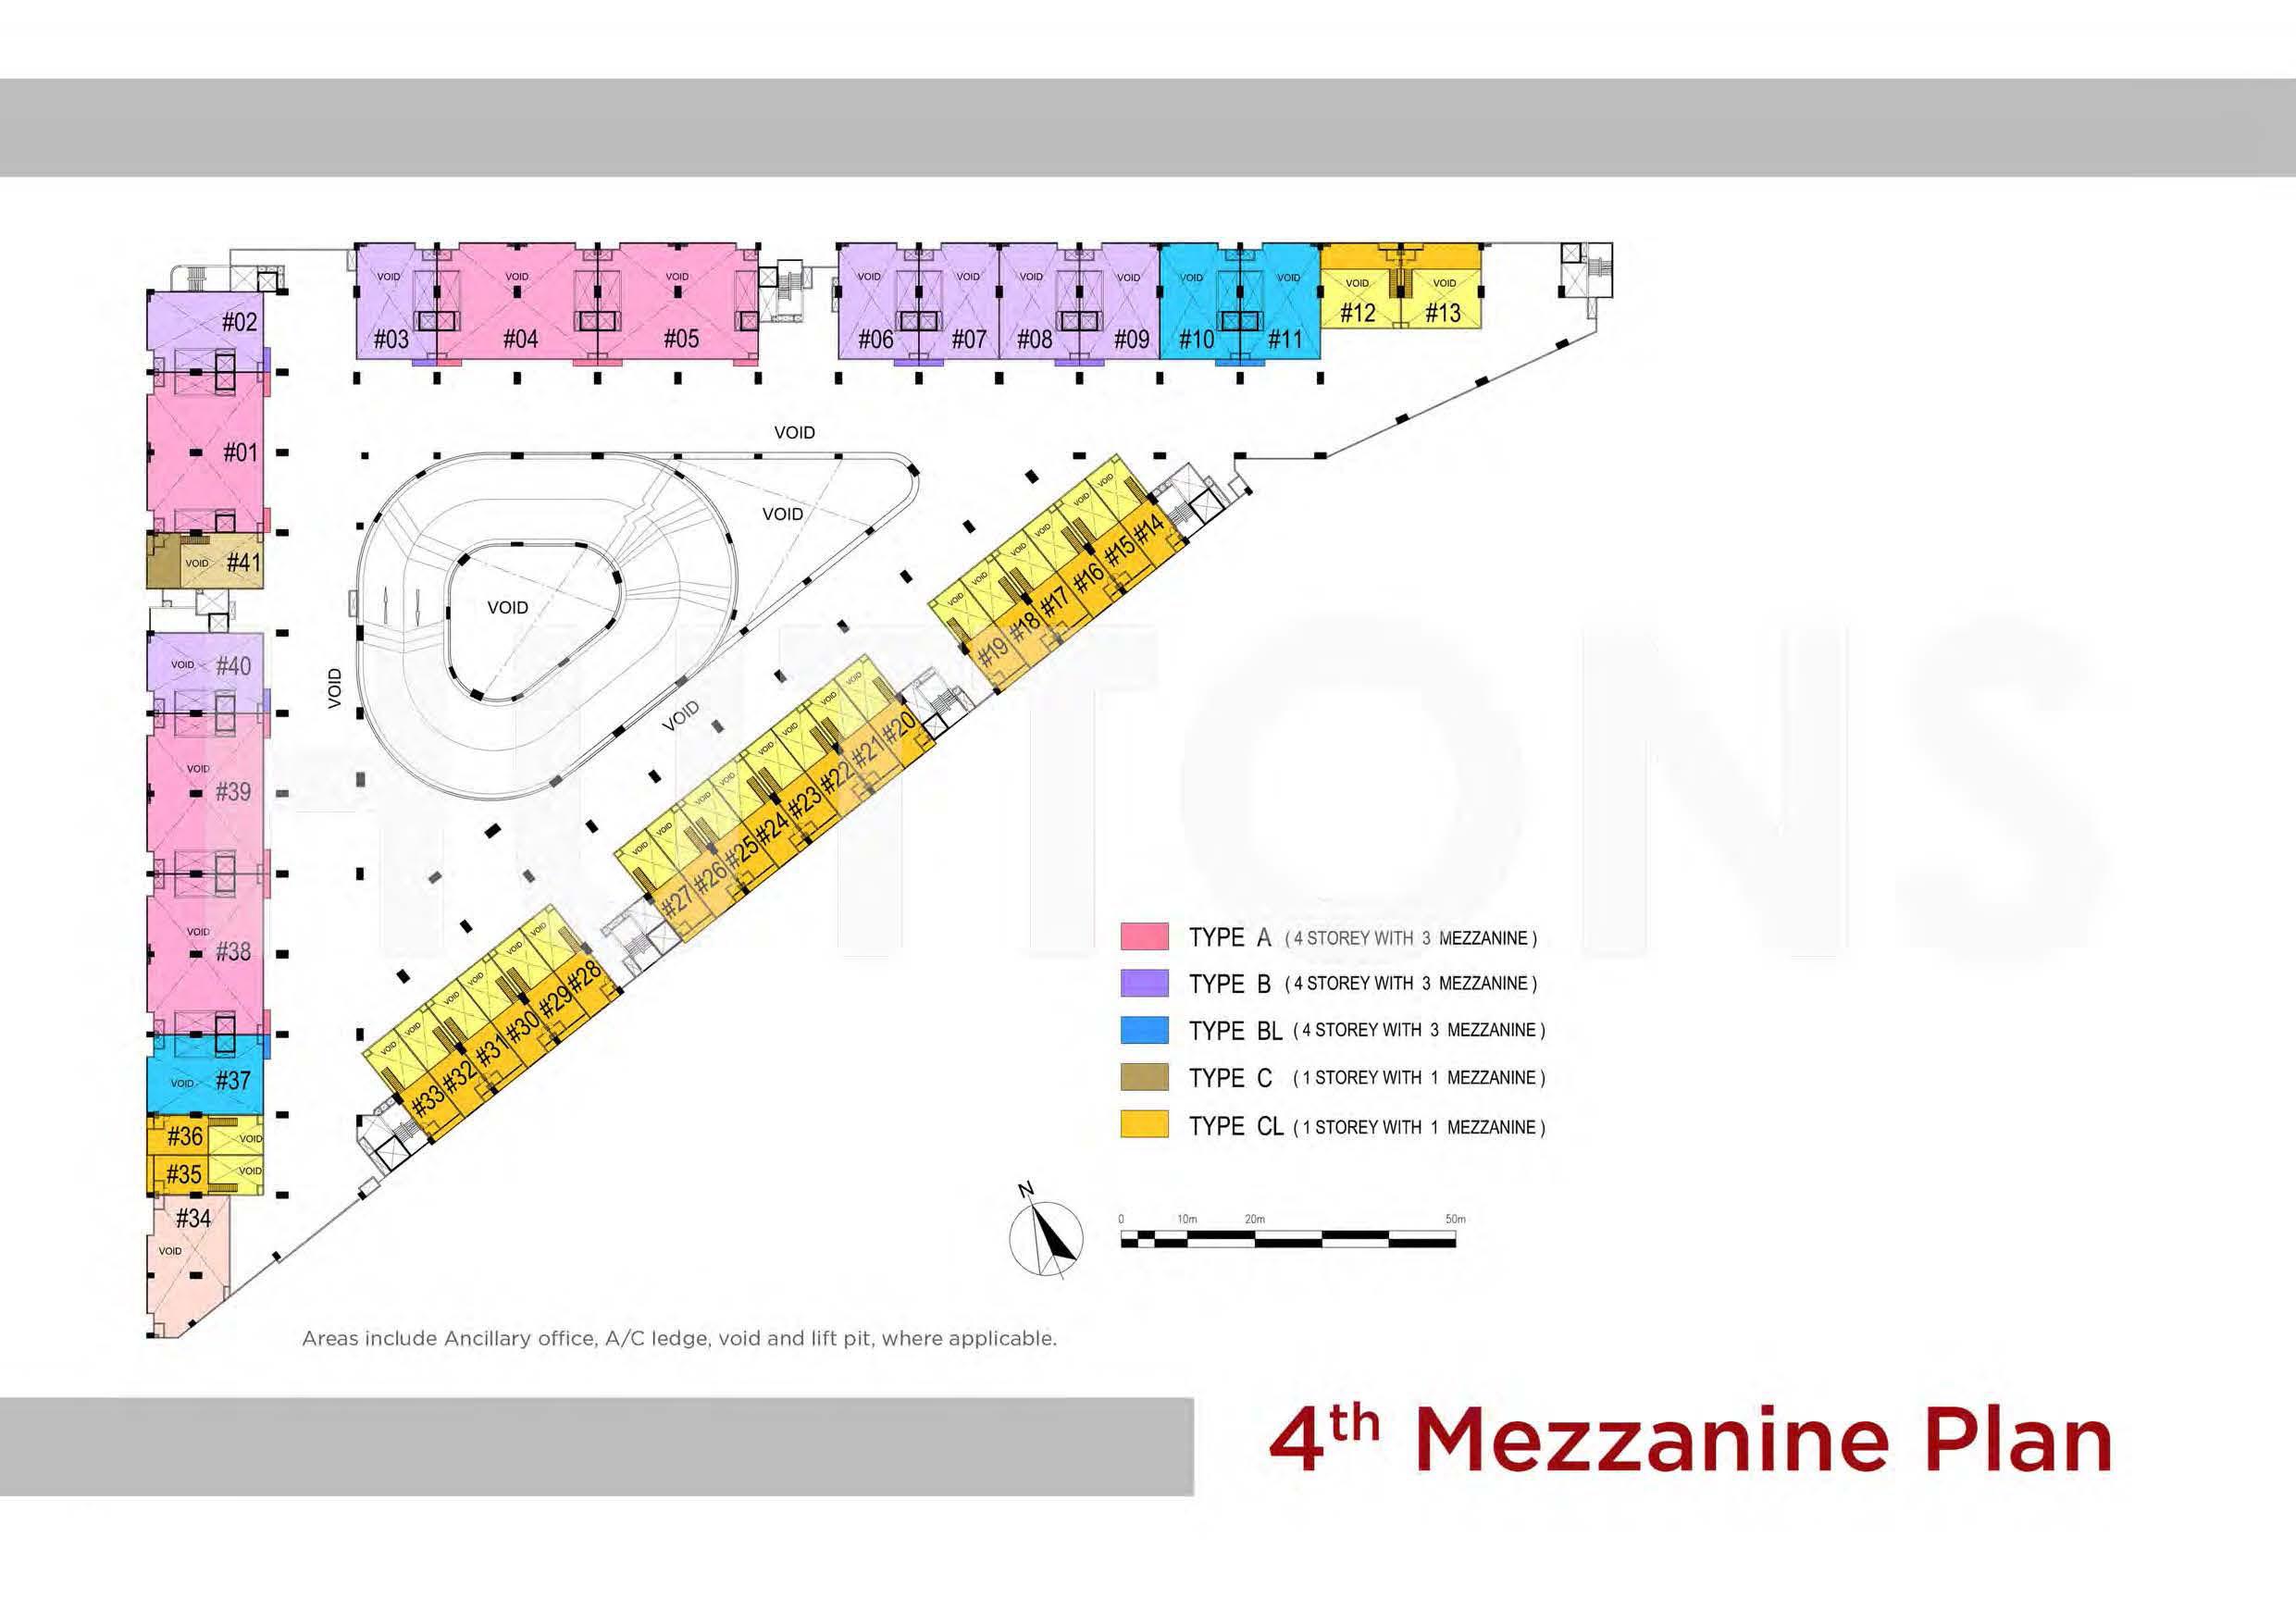 4th Mezzanine